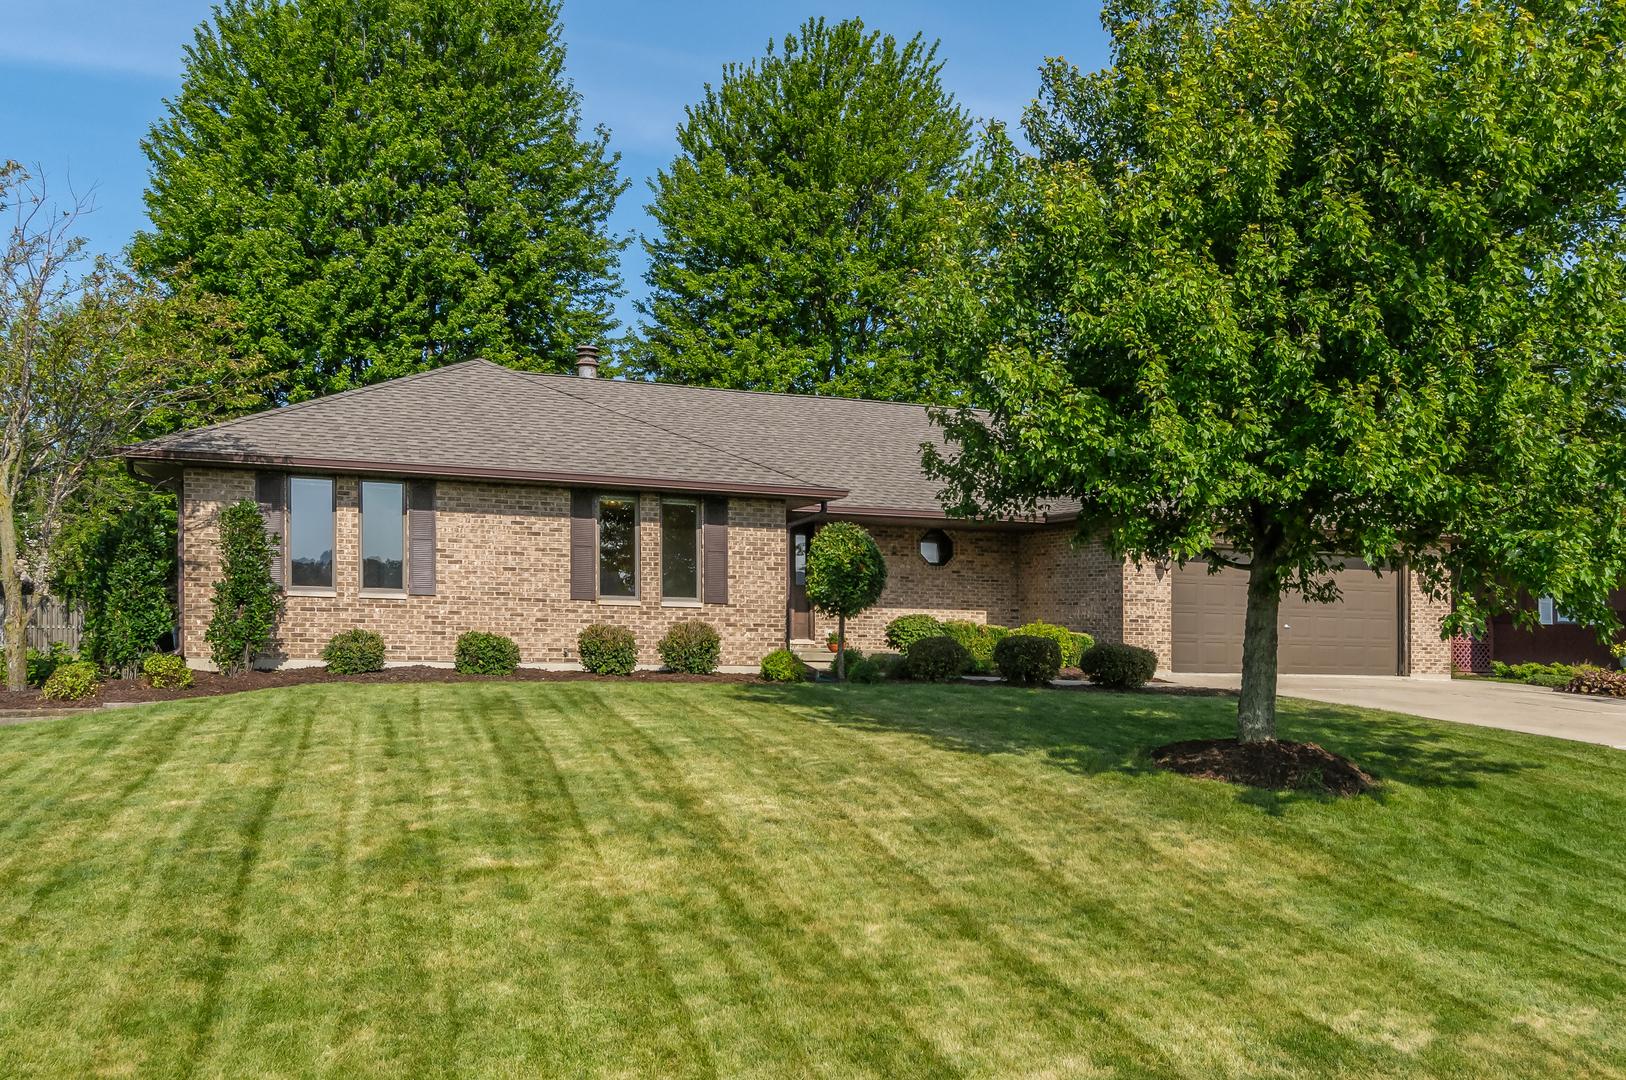 651 North Sycamore, HINCKLEY, Illinois, 60520